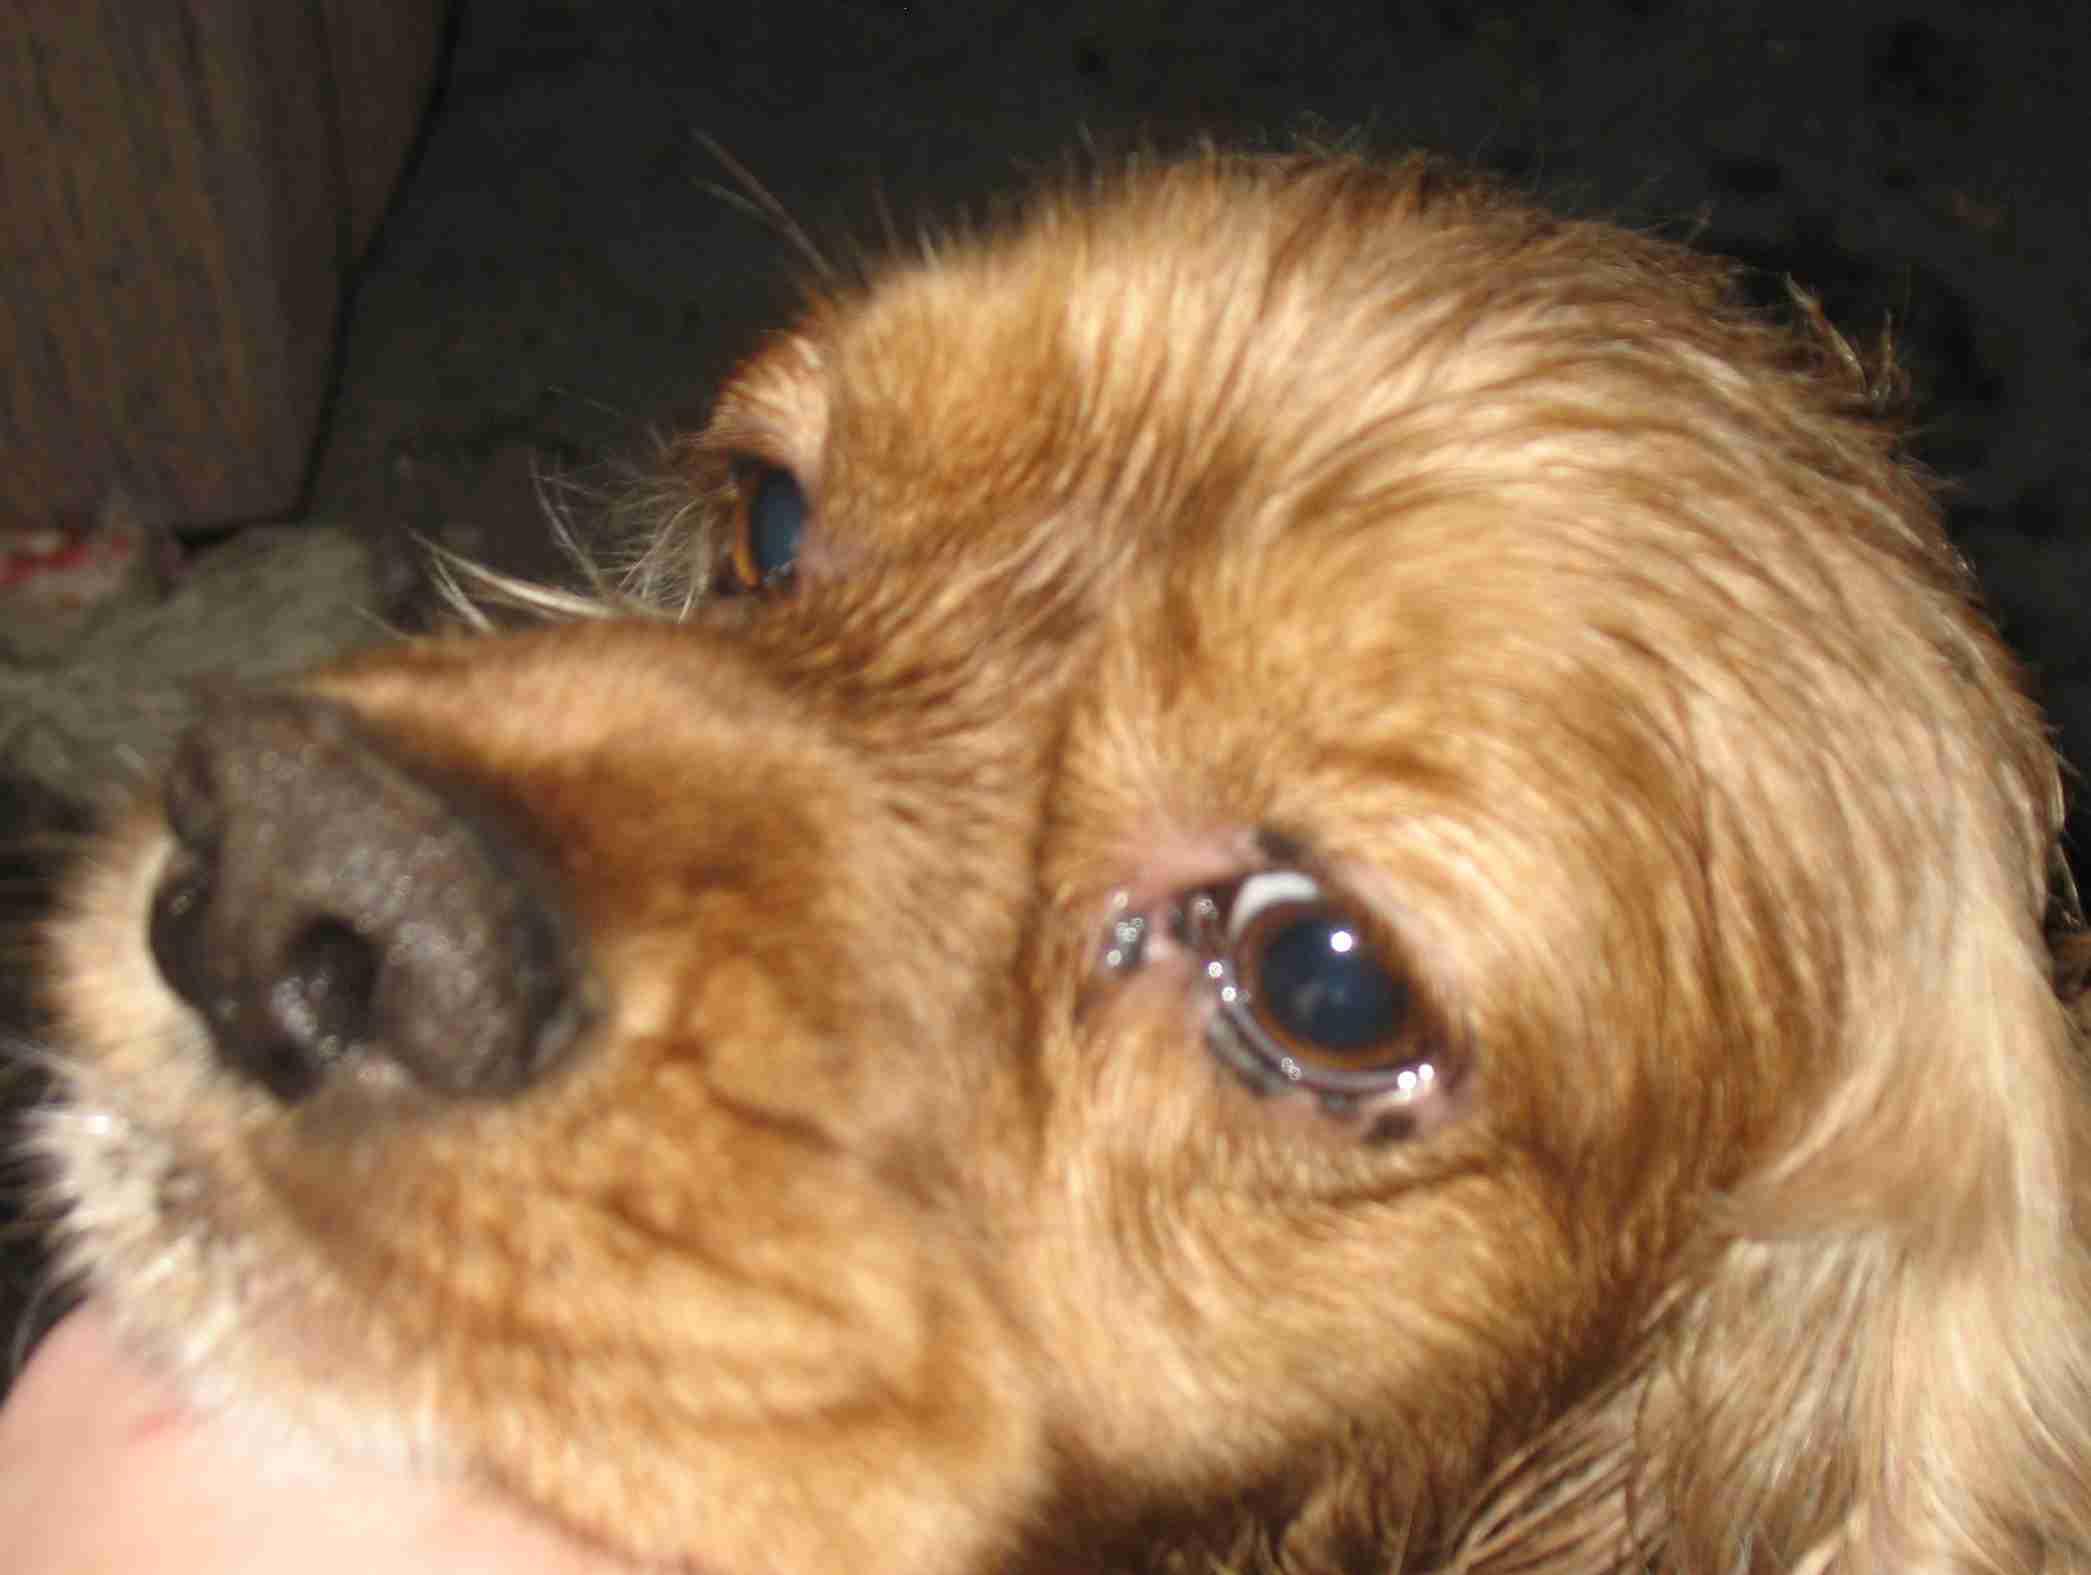 My Dog Has Irritated Skin Around Eyes